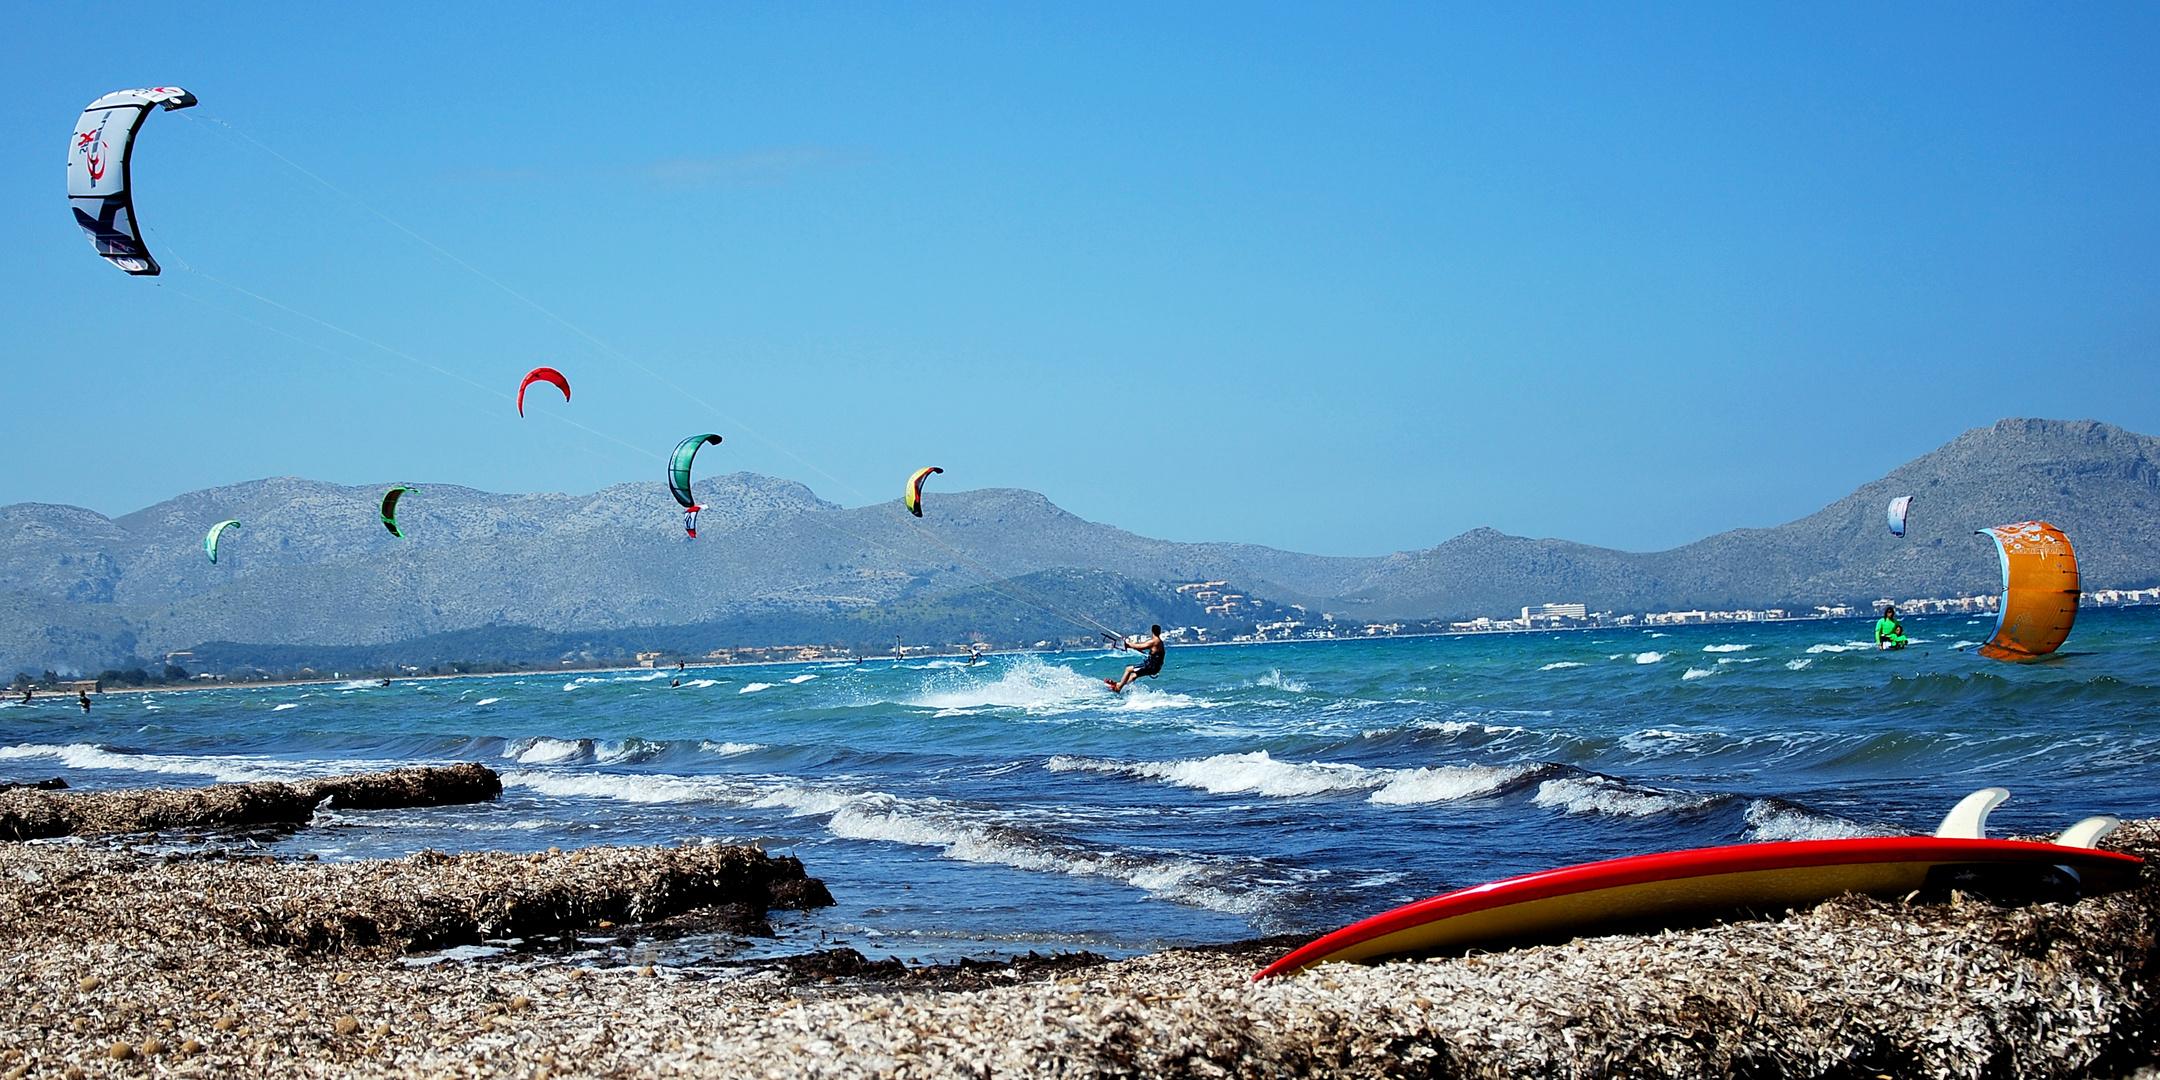 Kitesurfen in Alcudia/Mallorca